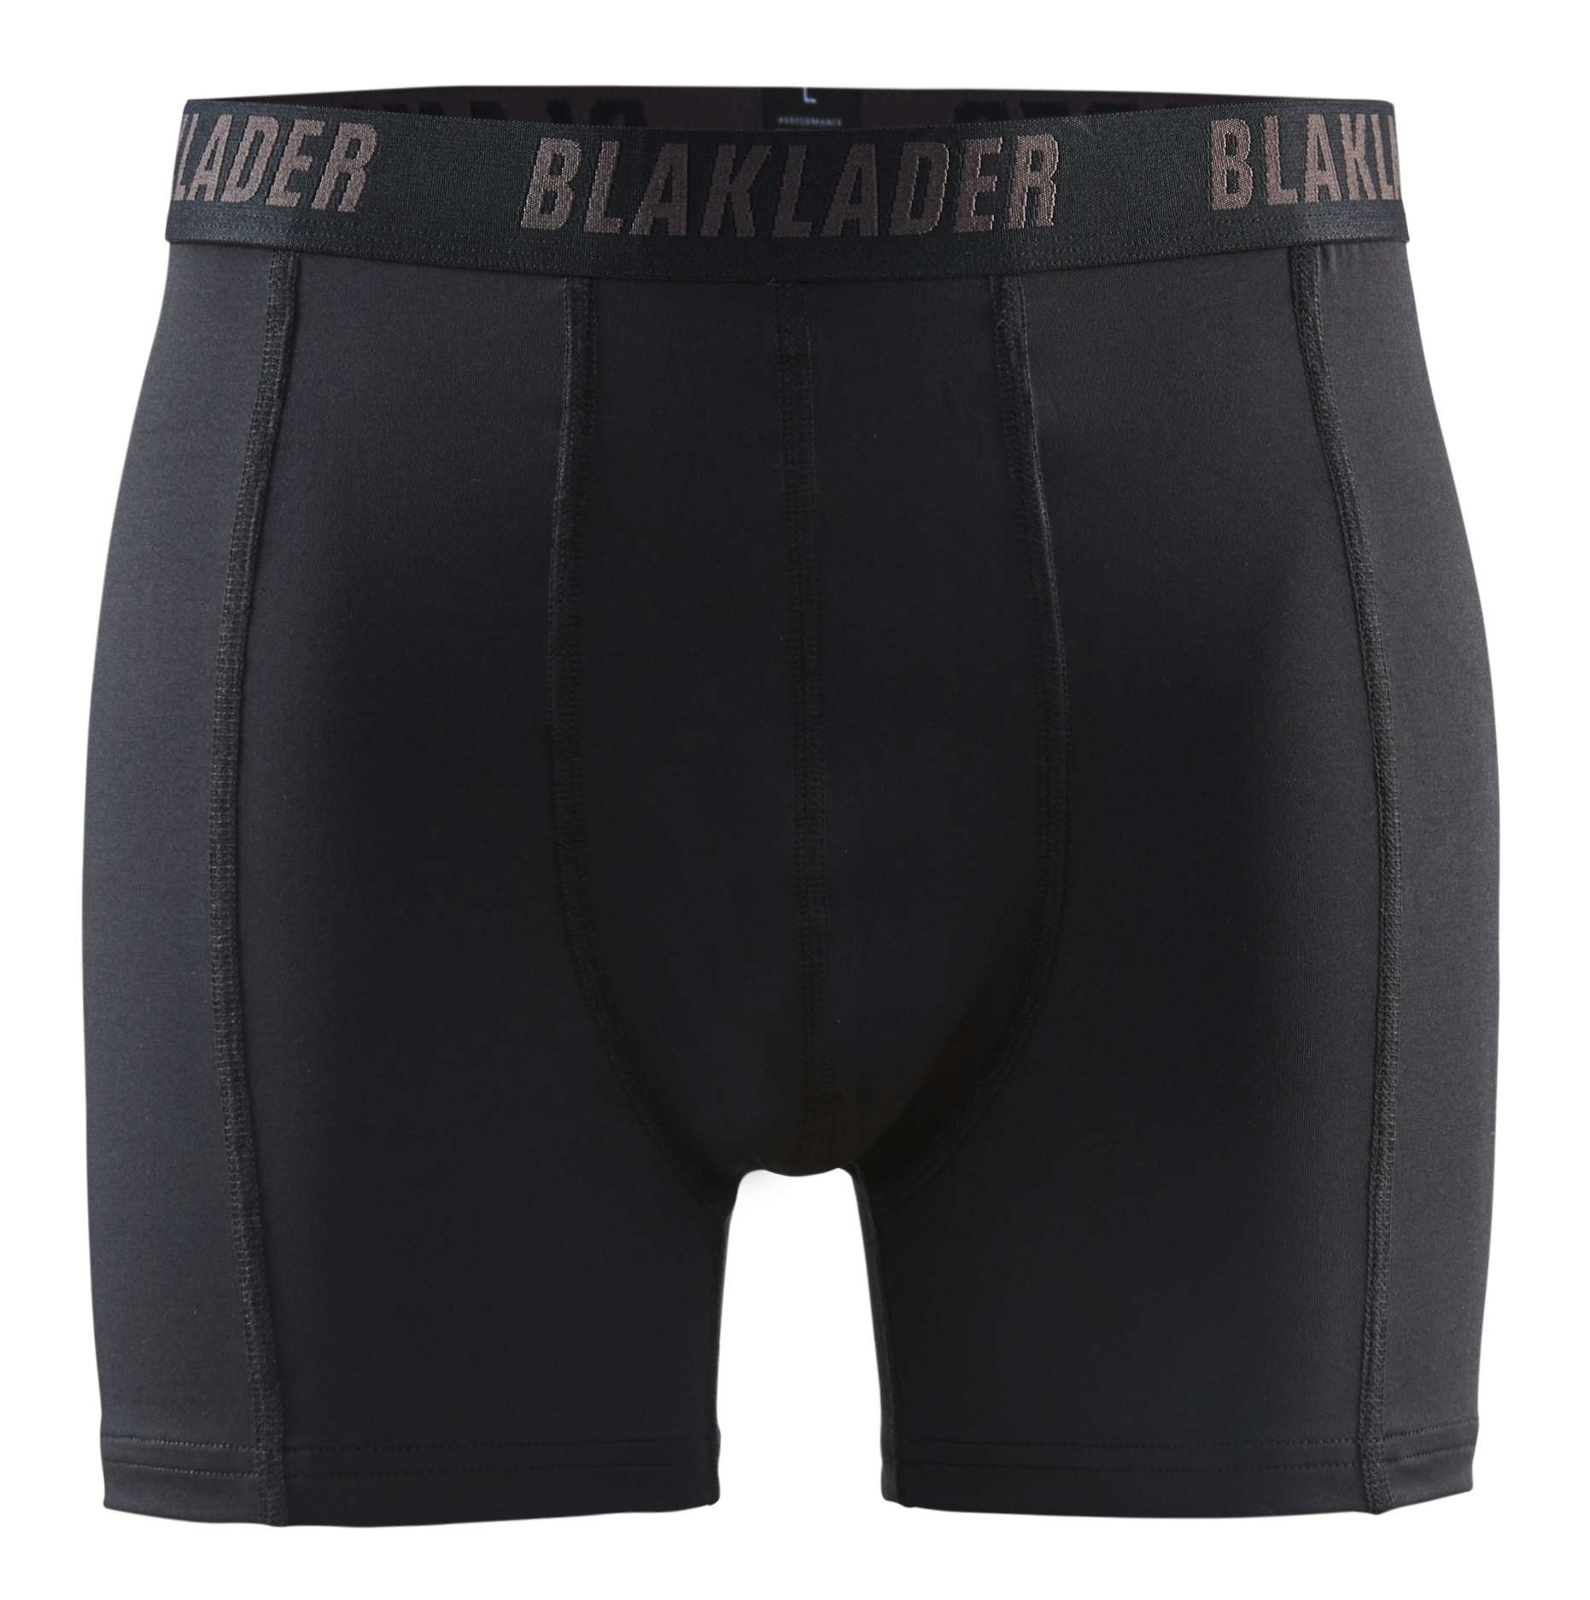 Blaklader Onderbroeken 18861079 2-pack zwart-donkergrijs(9998)